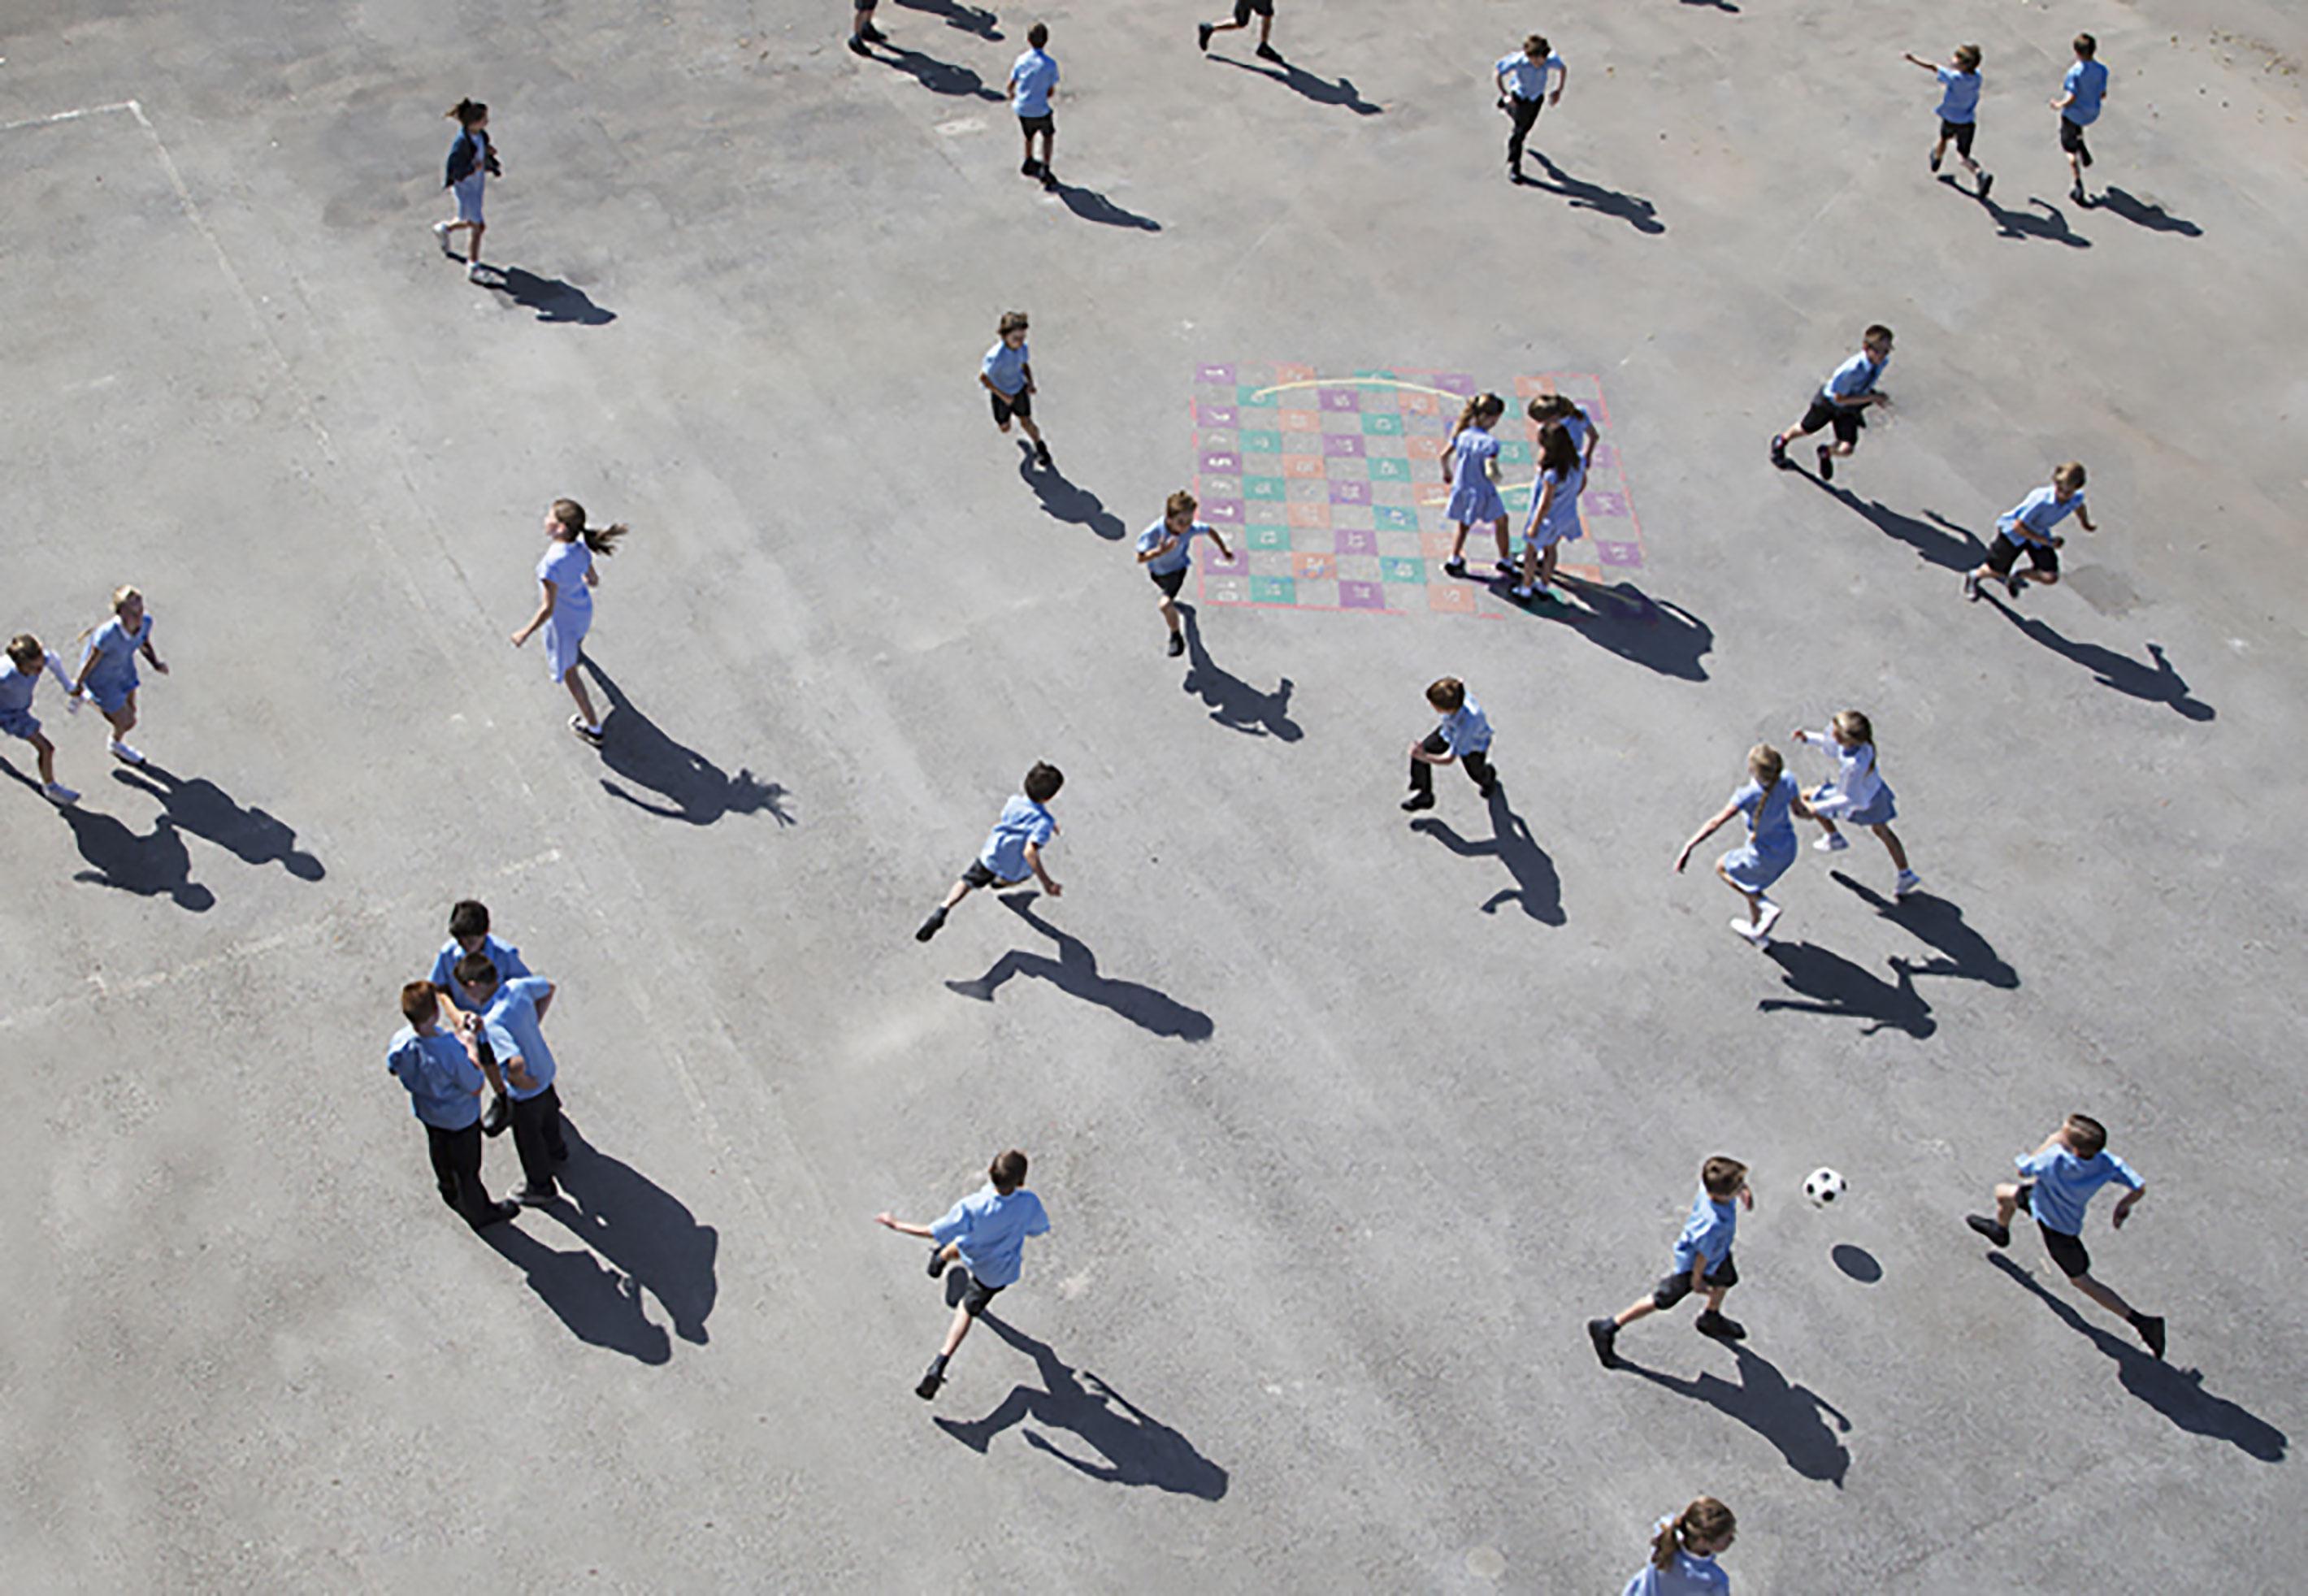 Schulhof mit spielenden Kindern